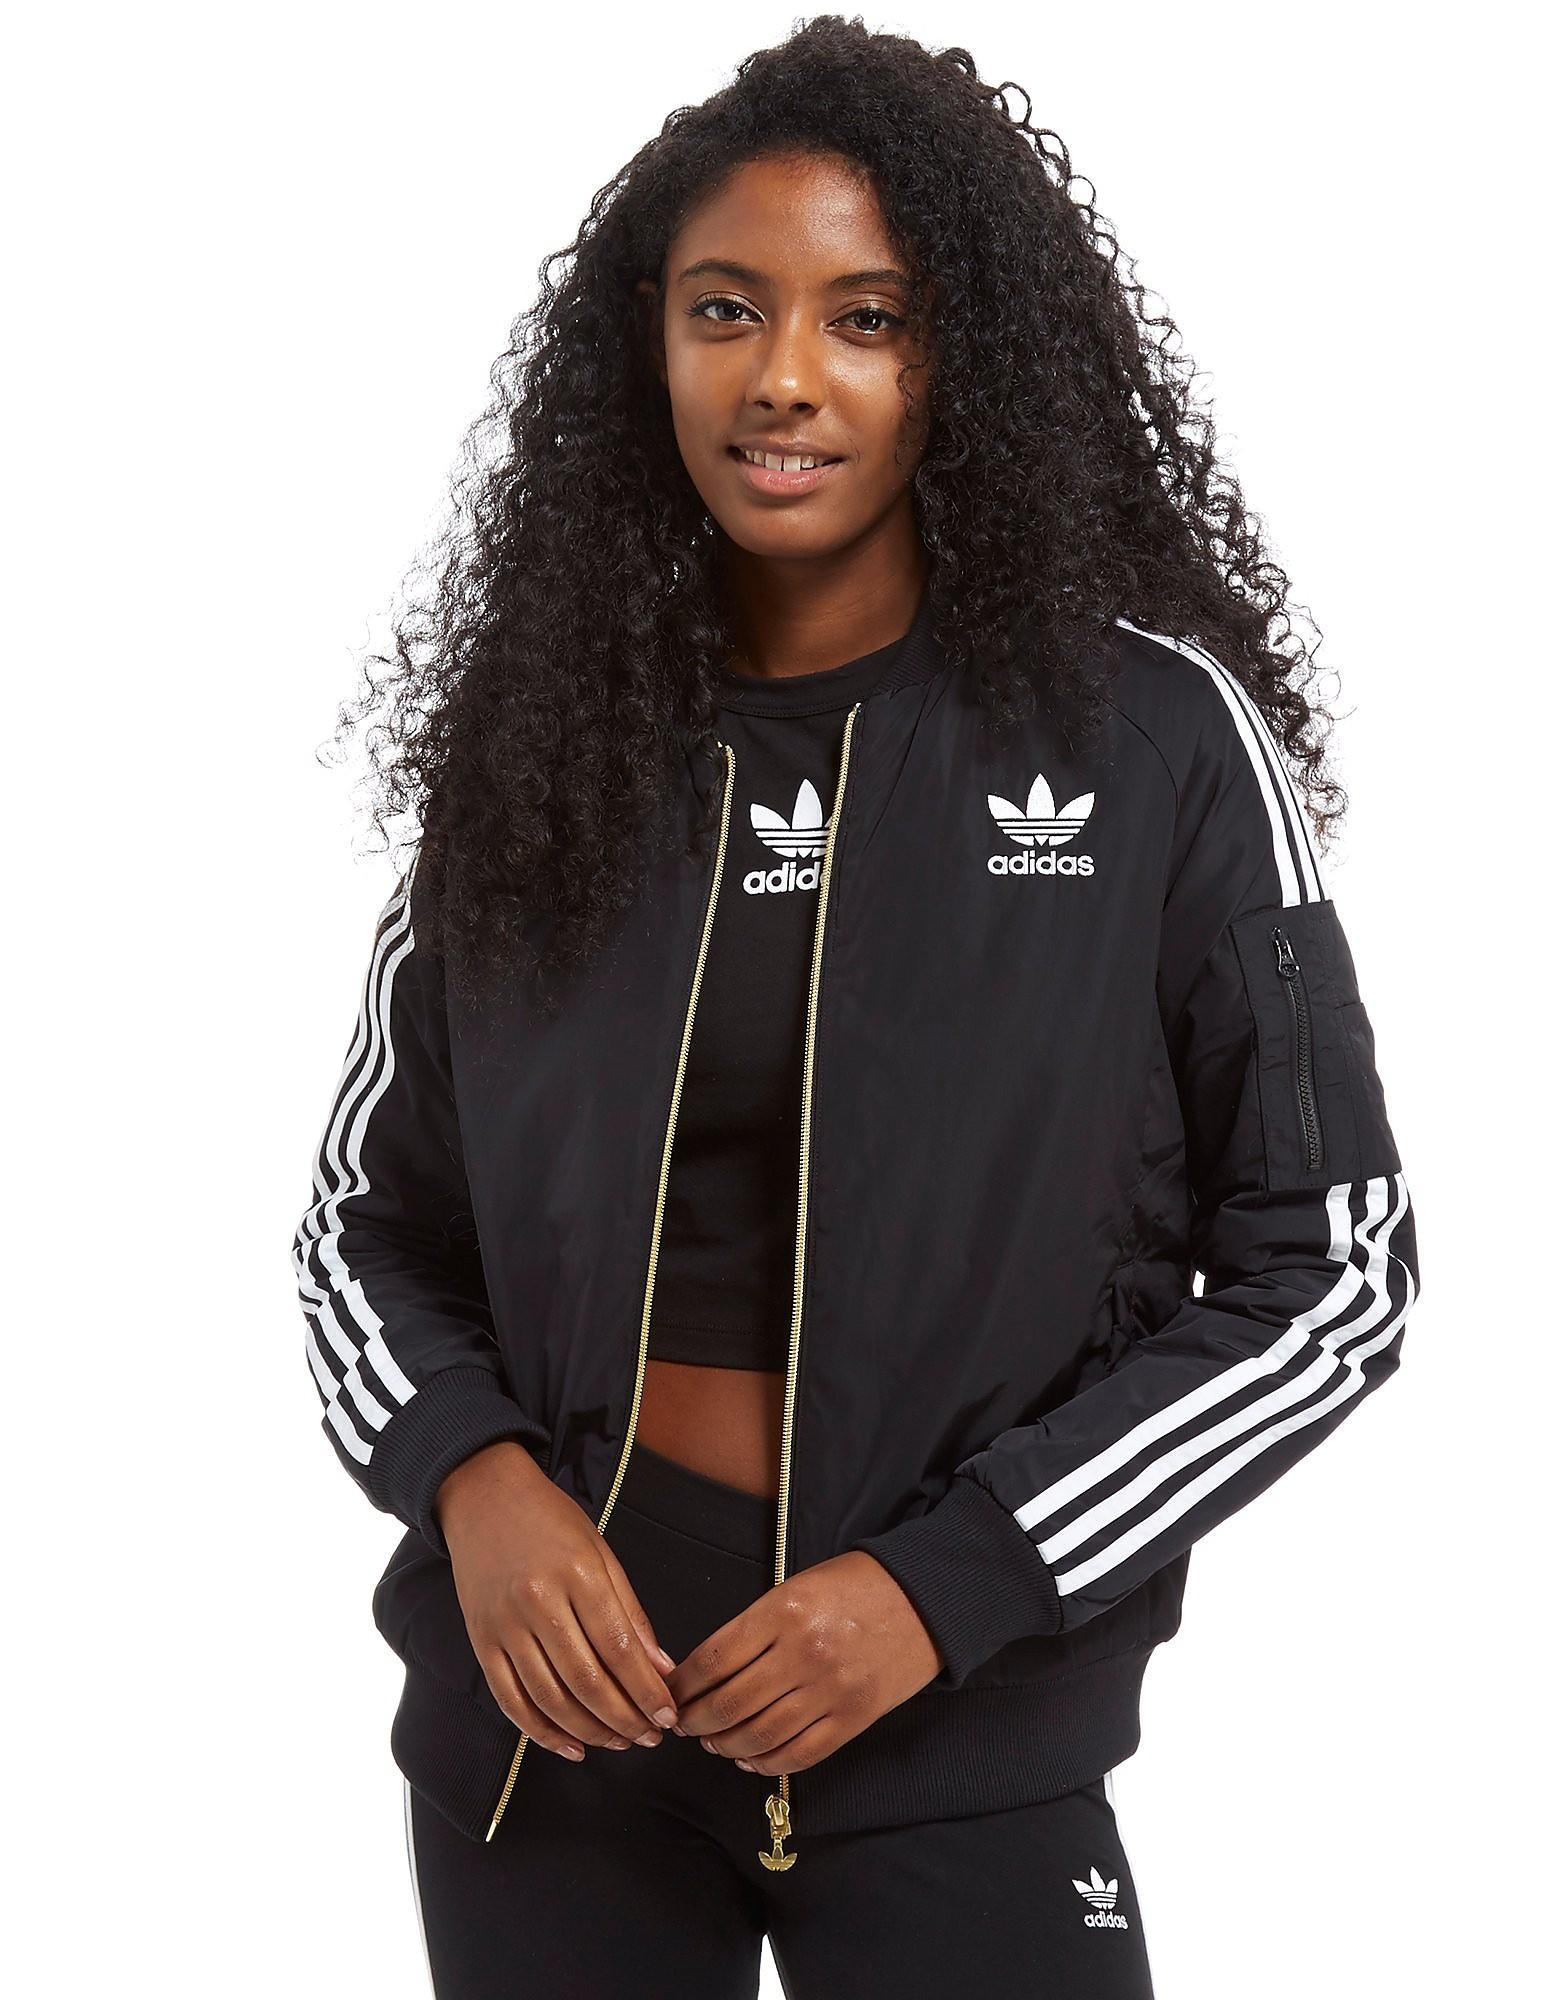 adidas Originals Originals Superstar Jacket